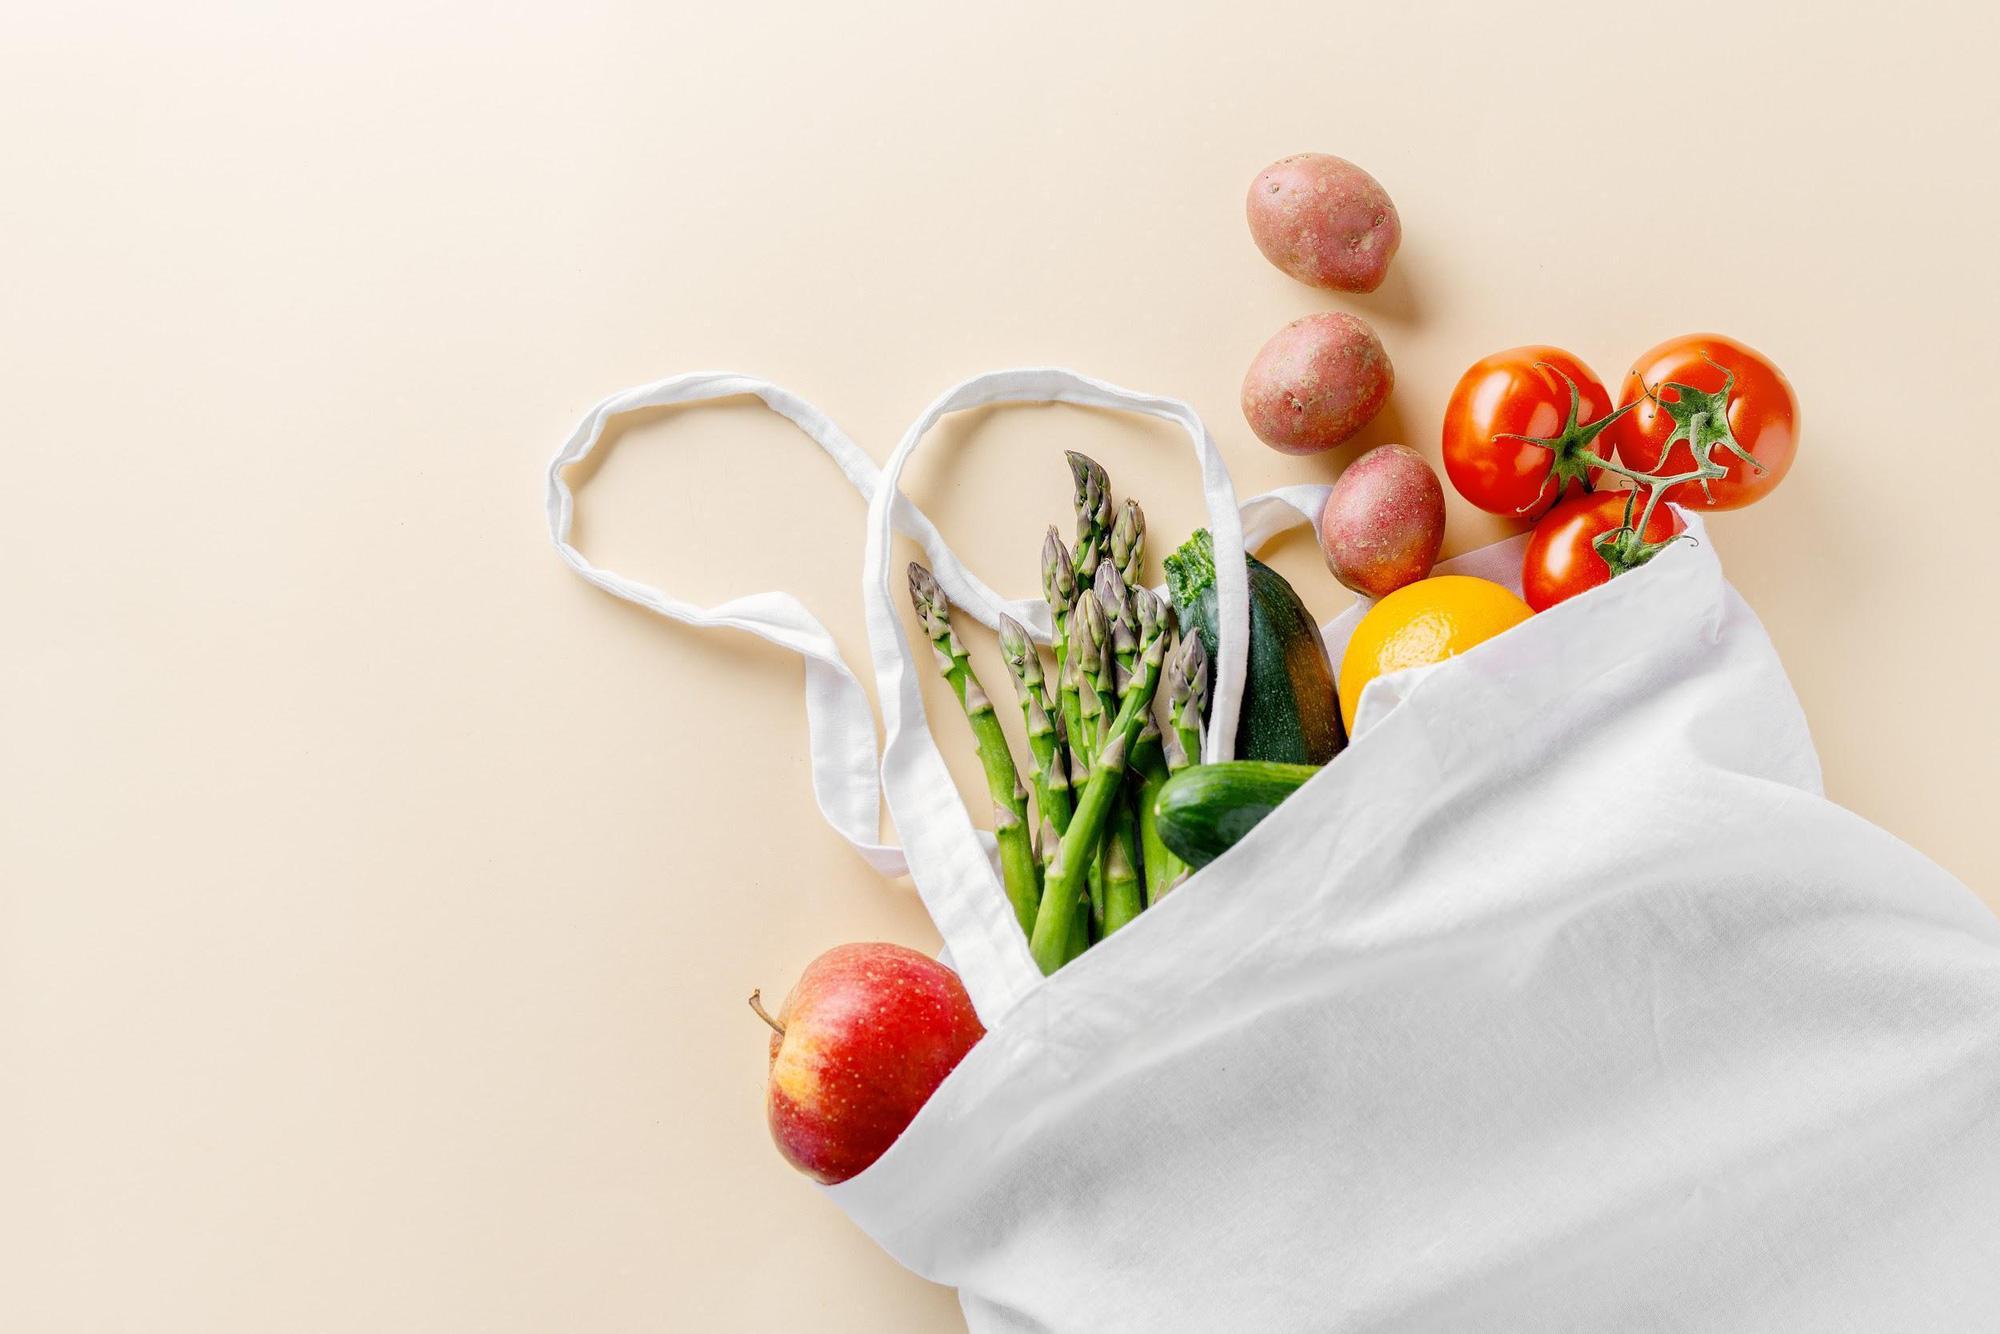 """Xuất hiện sản phẩm dinh dưỡng cao cấp đến từ New Zealand với quy trình sản xuất """"từ nông trại đến cửa hàng"""" được lòng mẹ Việt - Ảnh 2."""